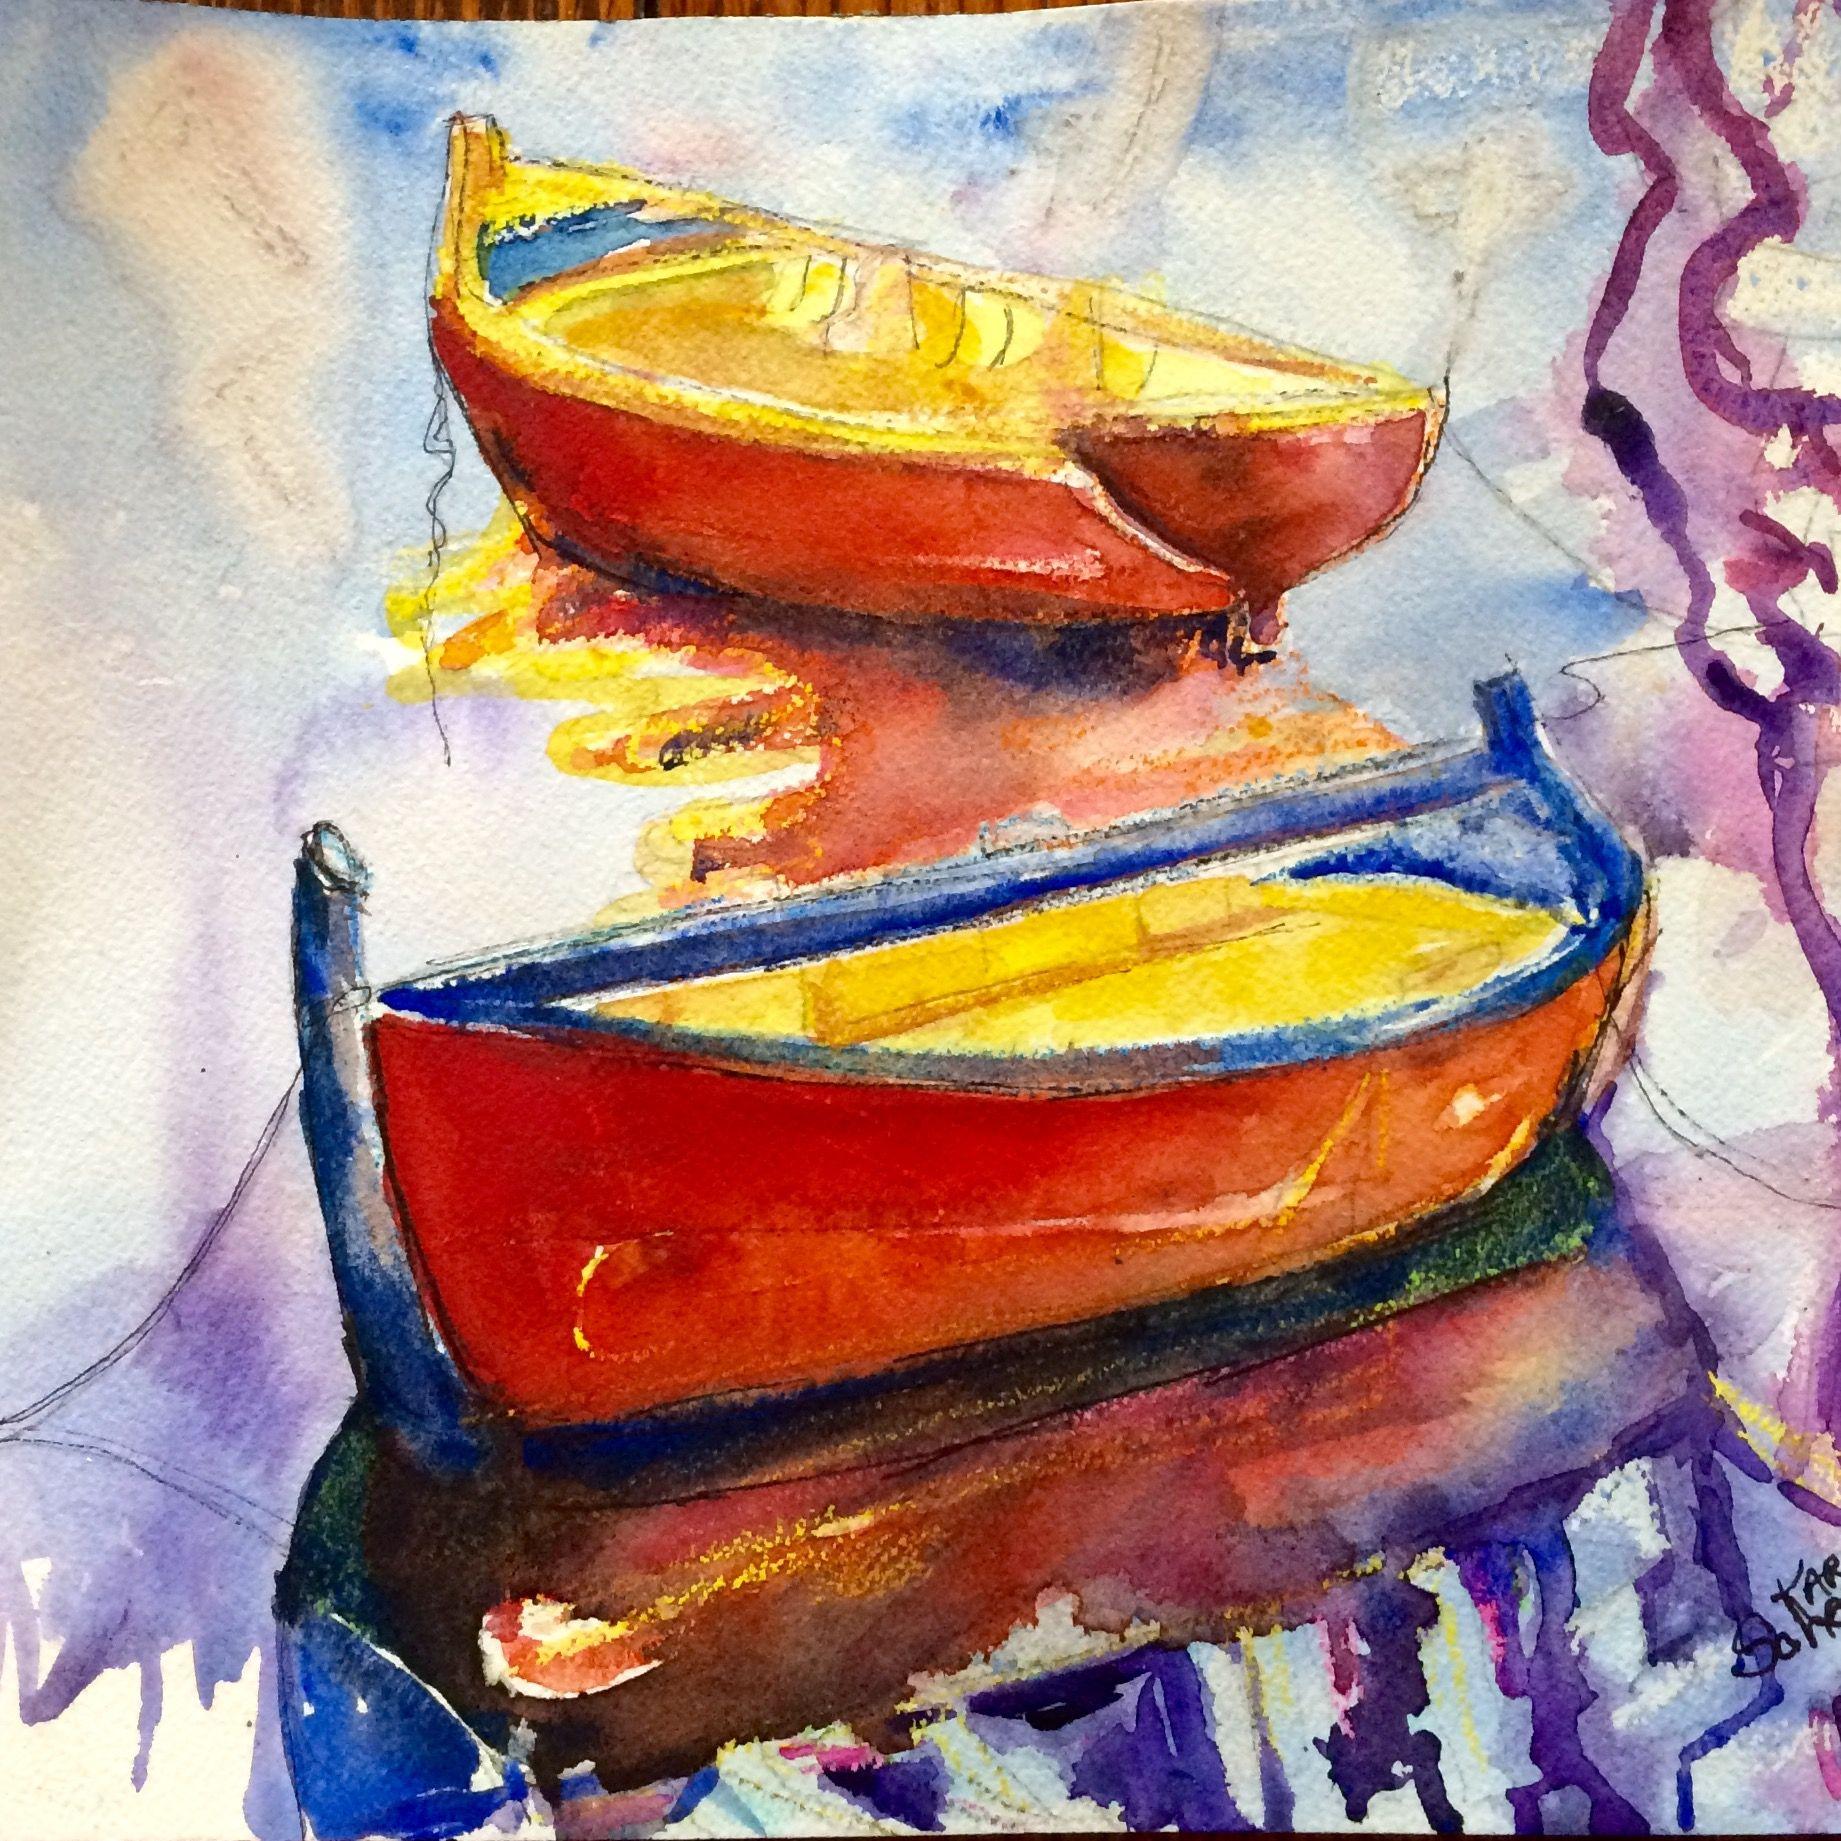 Watercolor artists in texas -  Beginning Of A Fleet By Texas Watercolor Artist Karen Scherrer